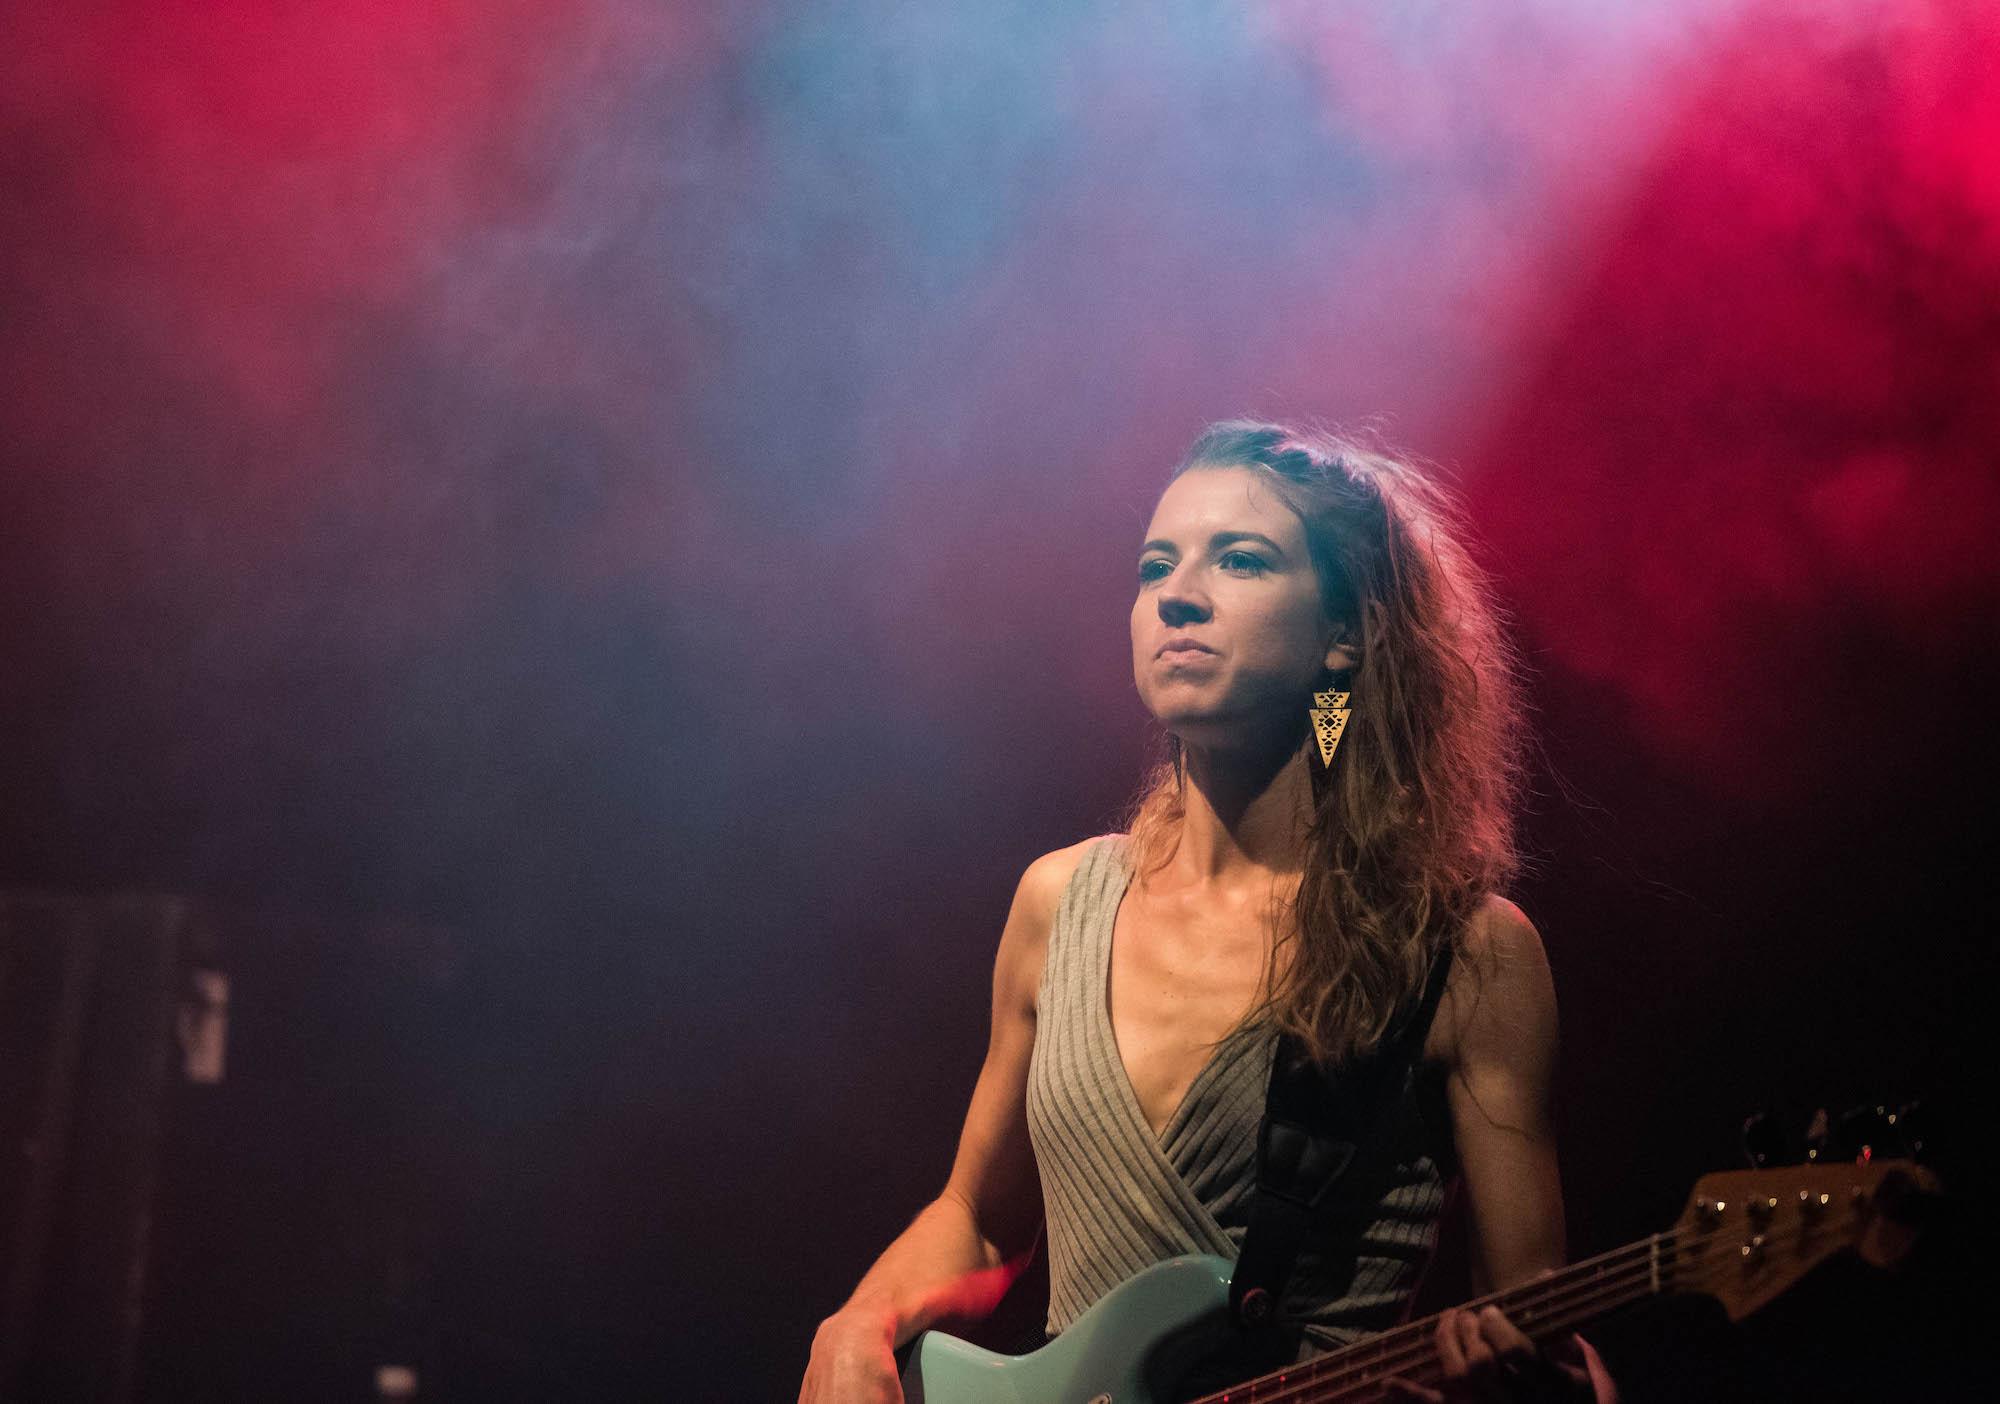 Lia Low am Bass bei Zid